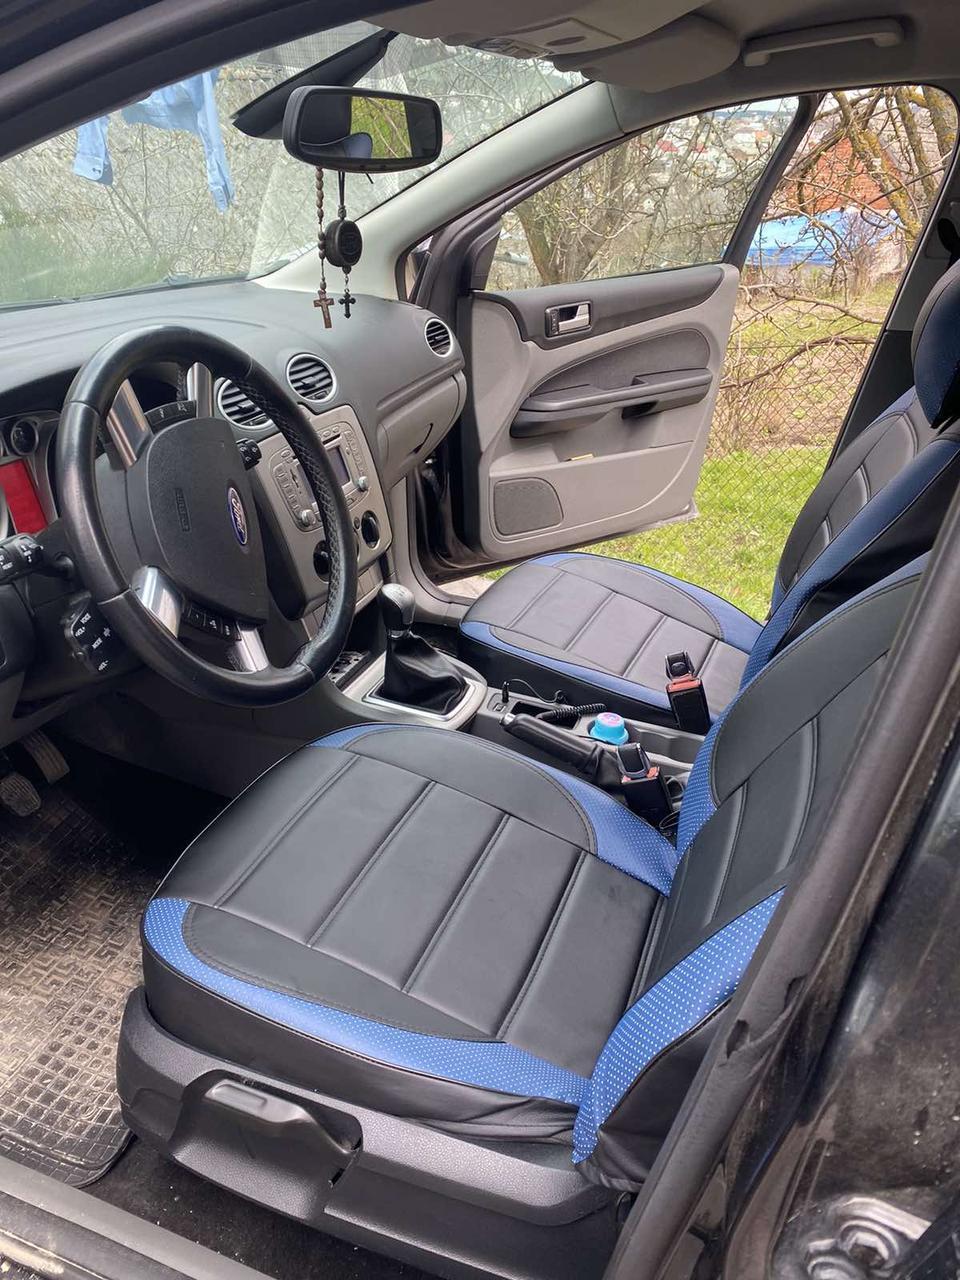 Чехлы на сиденья Ауди А4 Б5 (Audi A4 B5) модельные MAX-L из экокожи Черно-синий